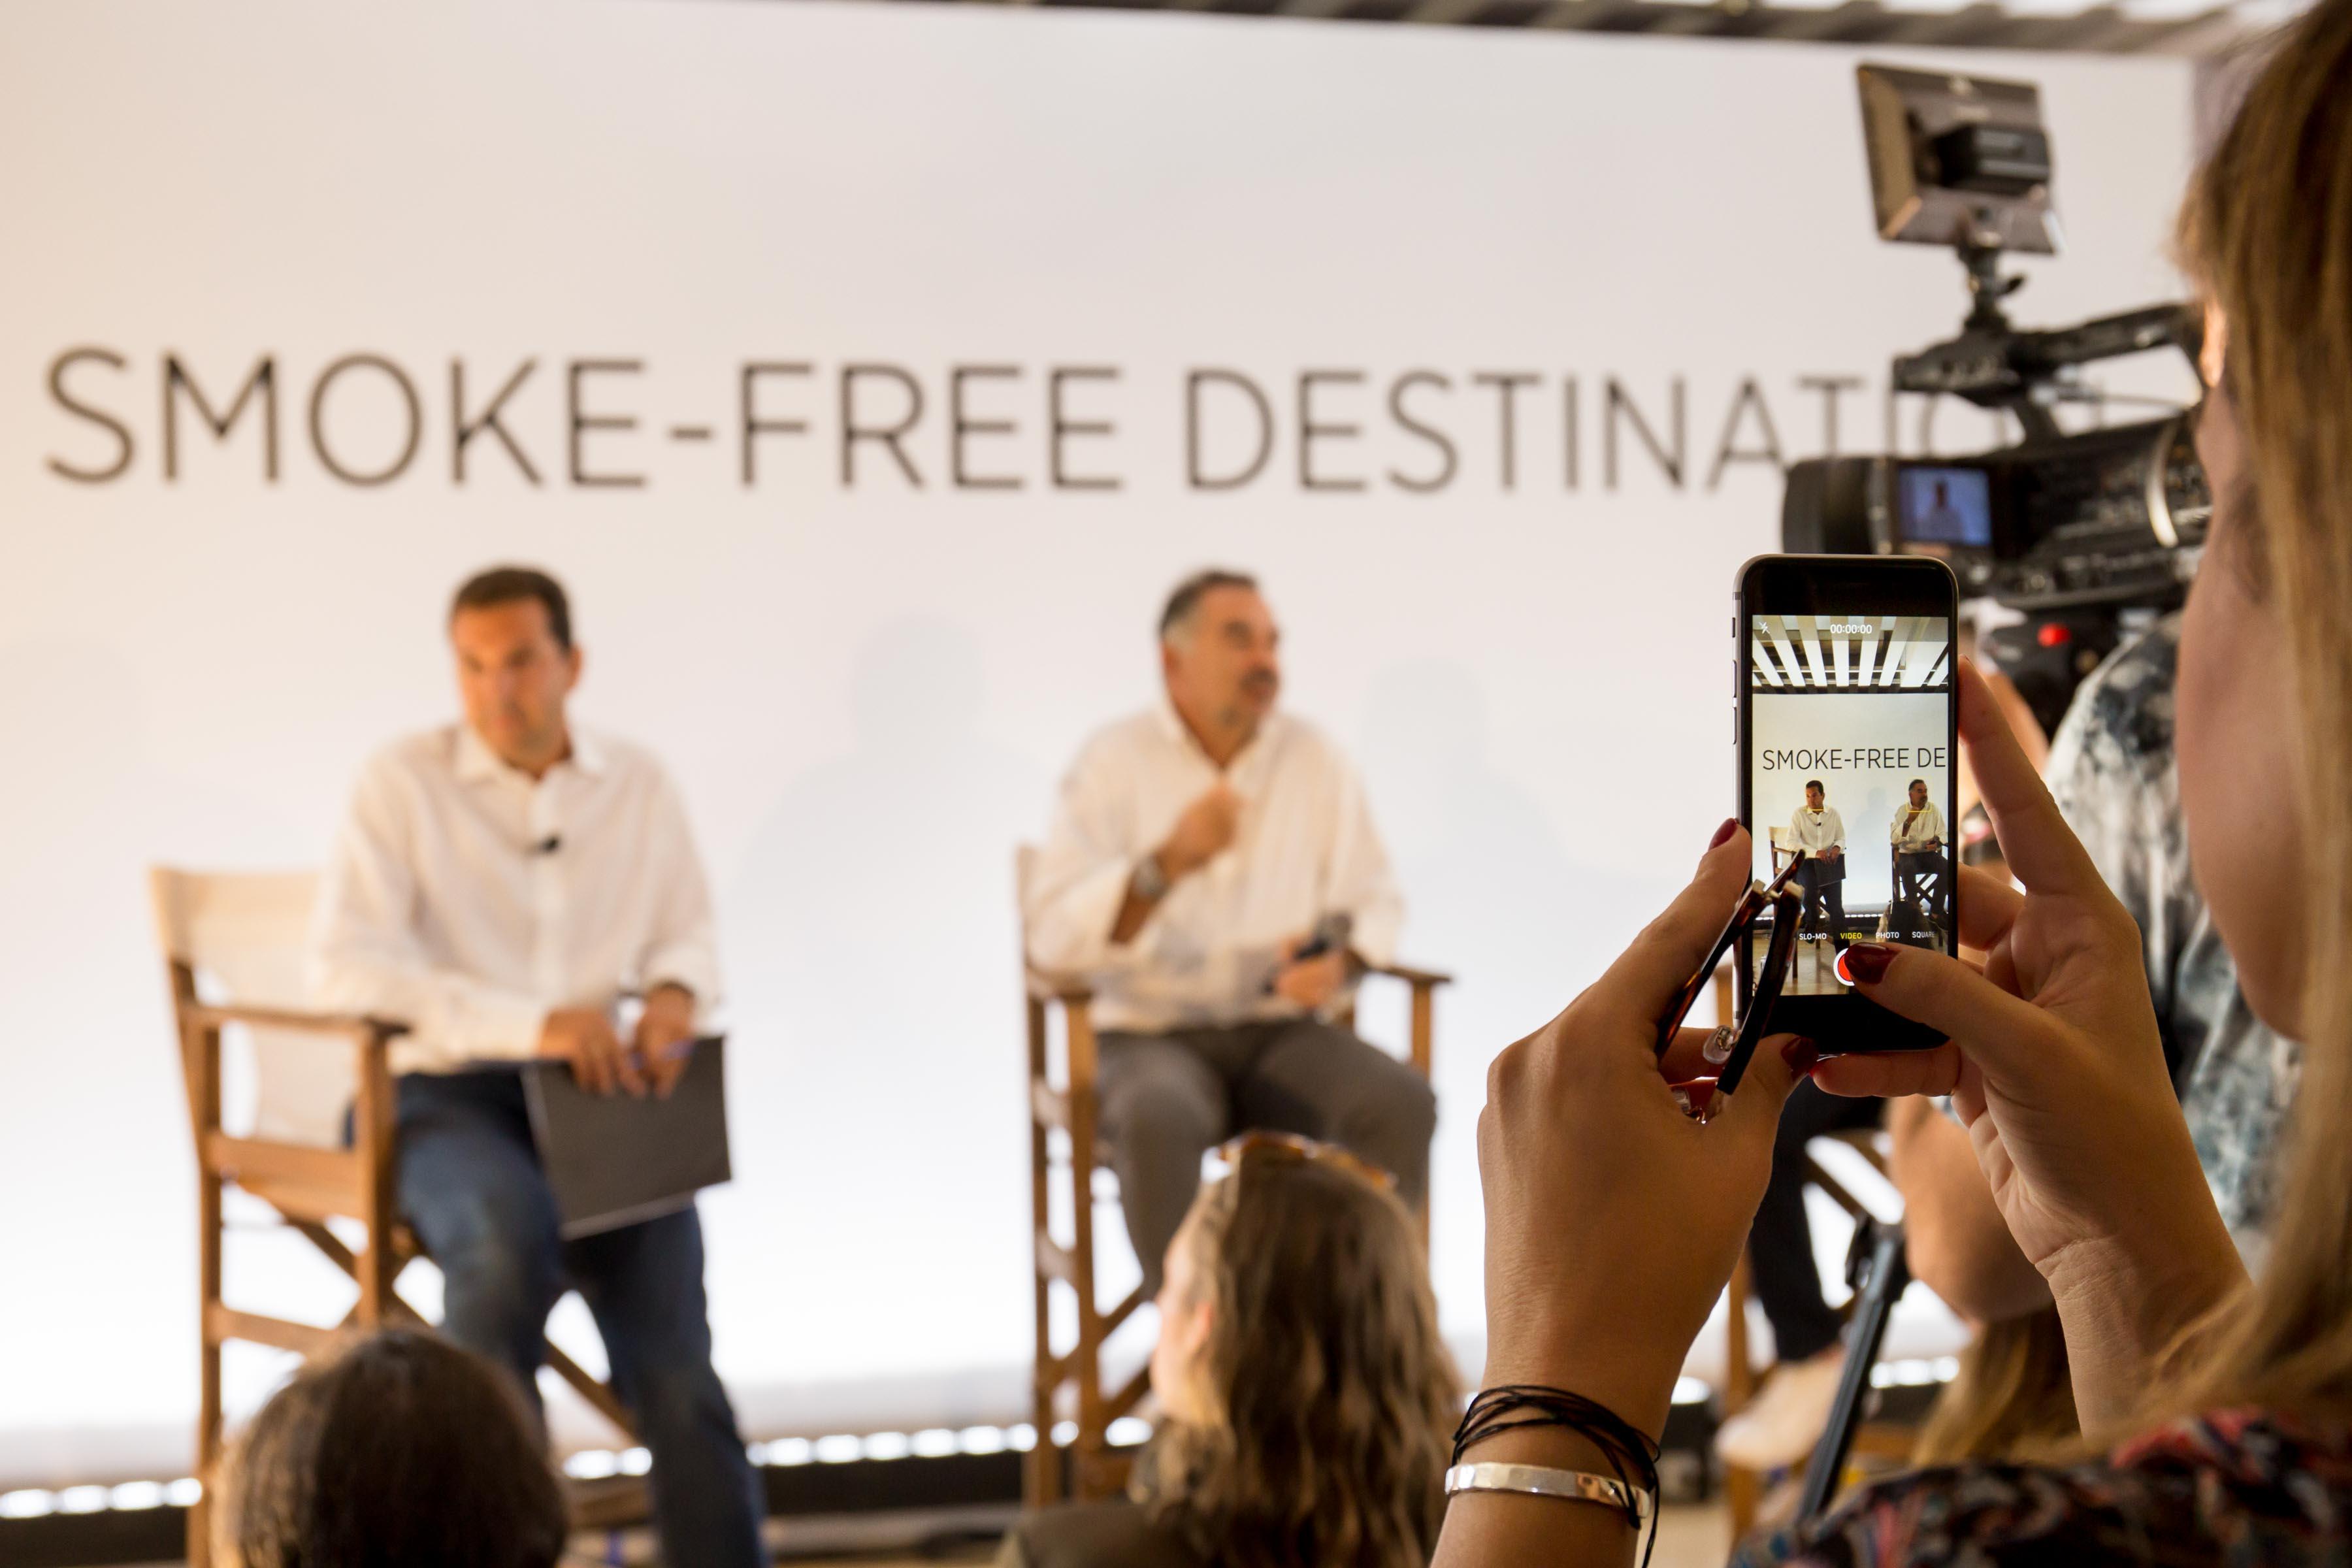 Представители местного муниципалитета рассказали об инициативе Smoke free